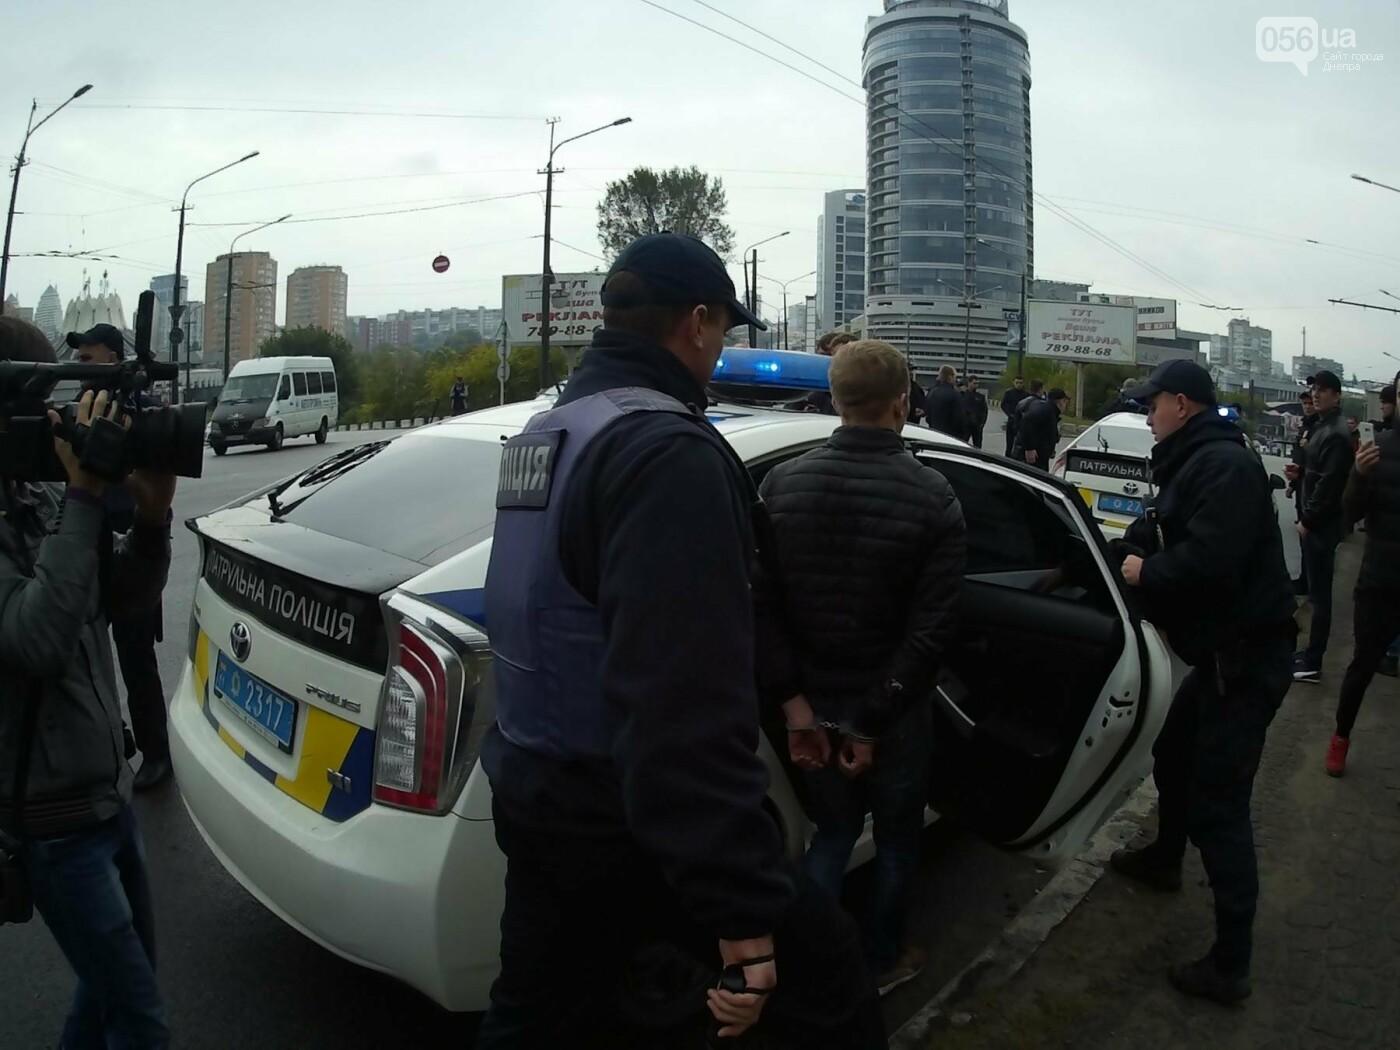 В Днепре на Центральном мосту произошла драка между активистами и полицией (ФОТО, ВИДЕО), фото-6